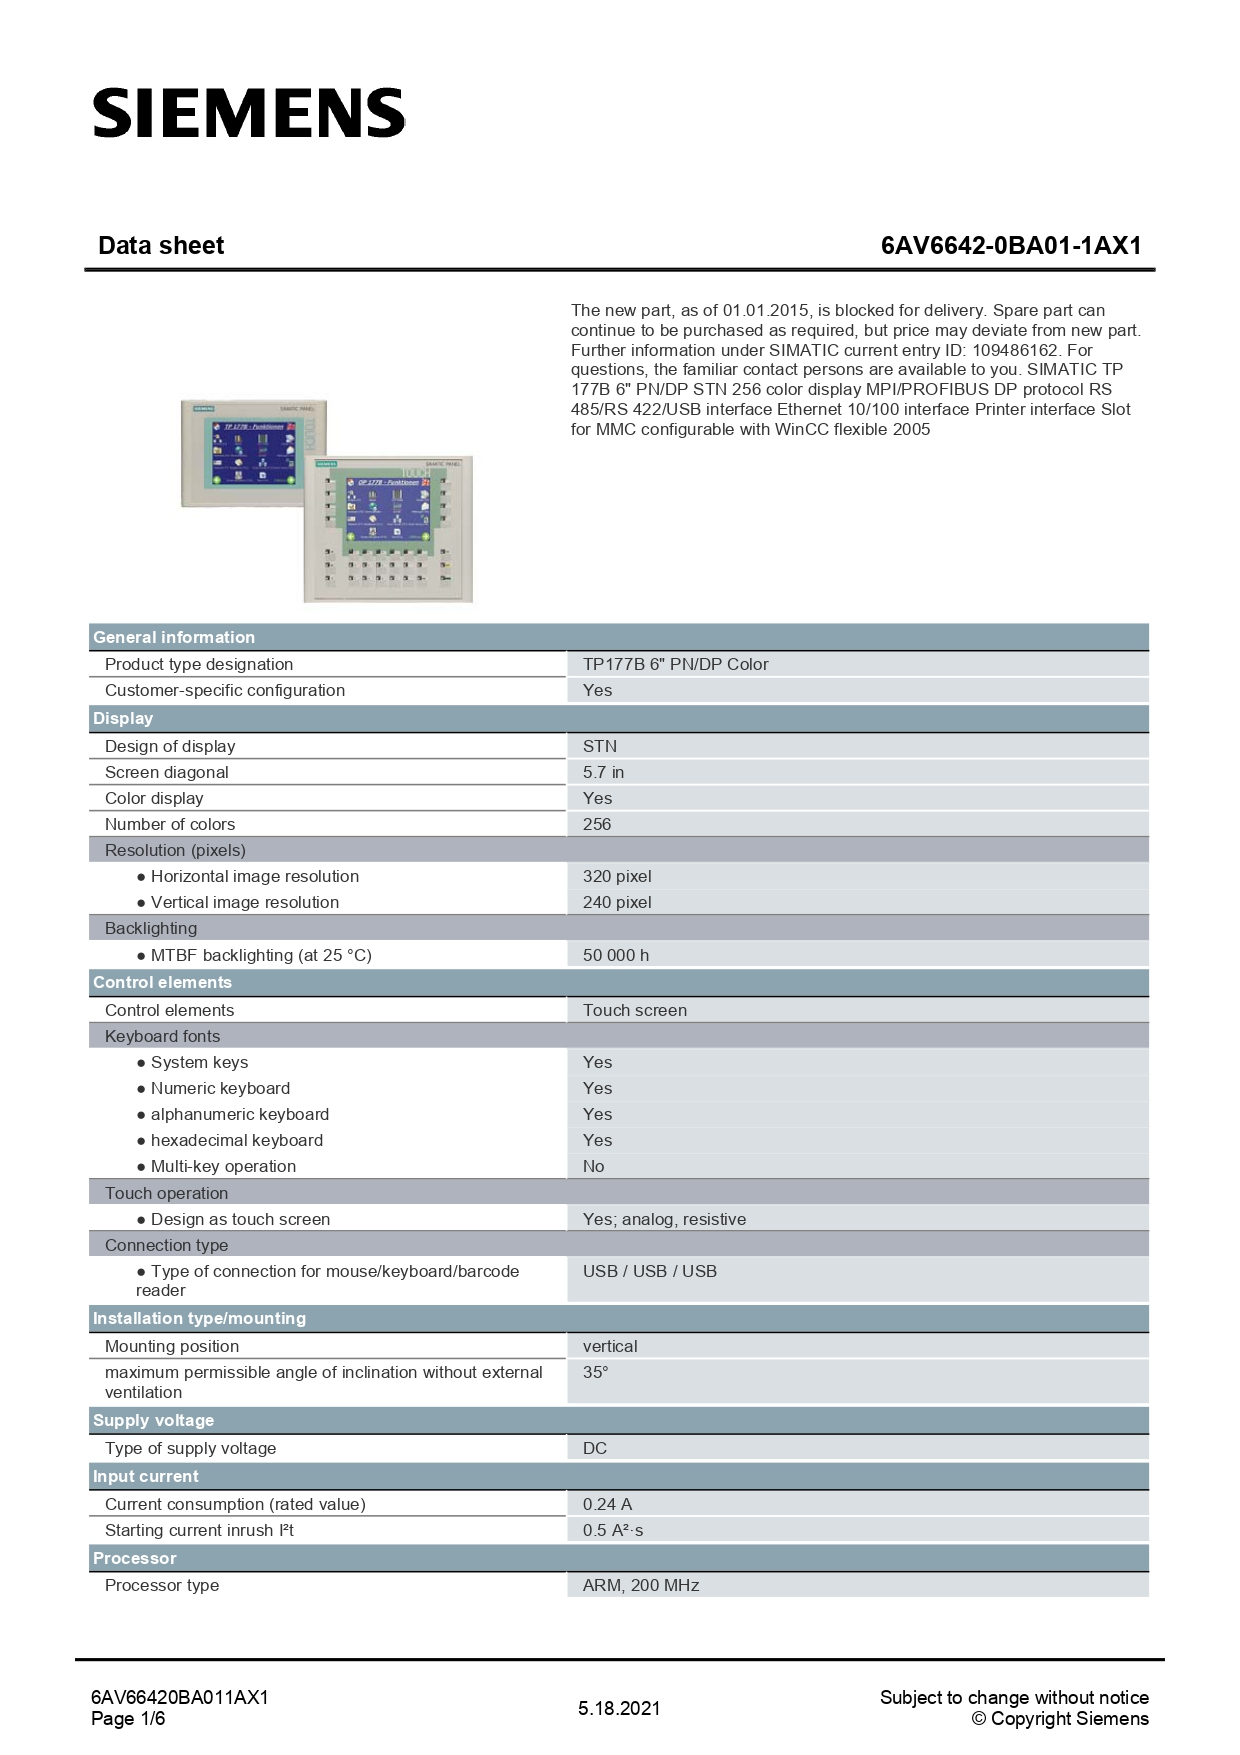 6AV66420BA011AX1_datasheet